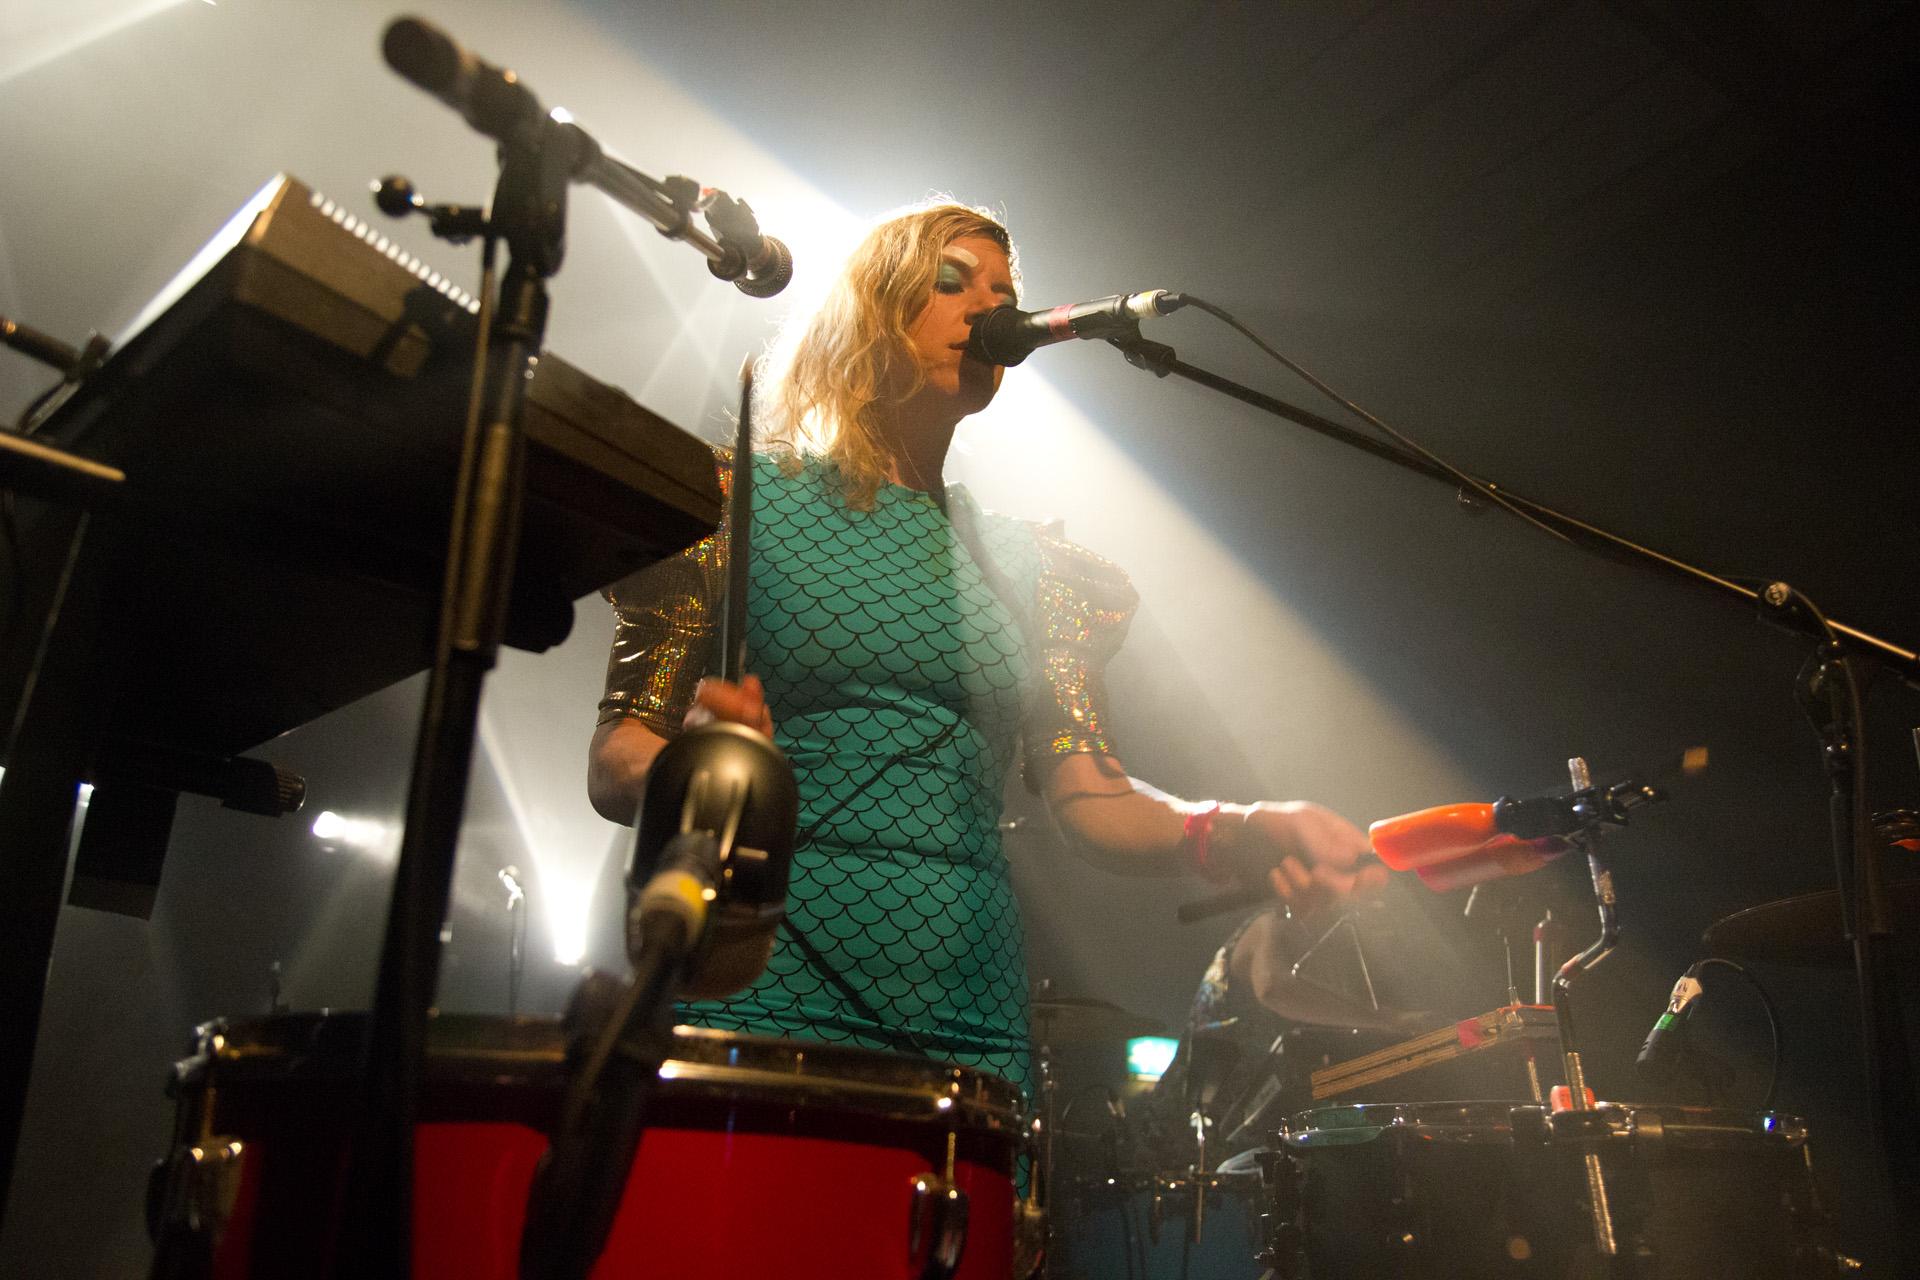 tUnE-yArDs @ Village Underground, London 12/05/14